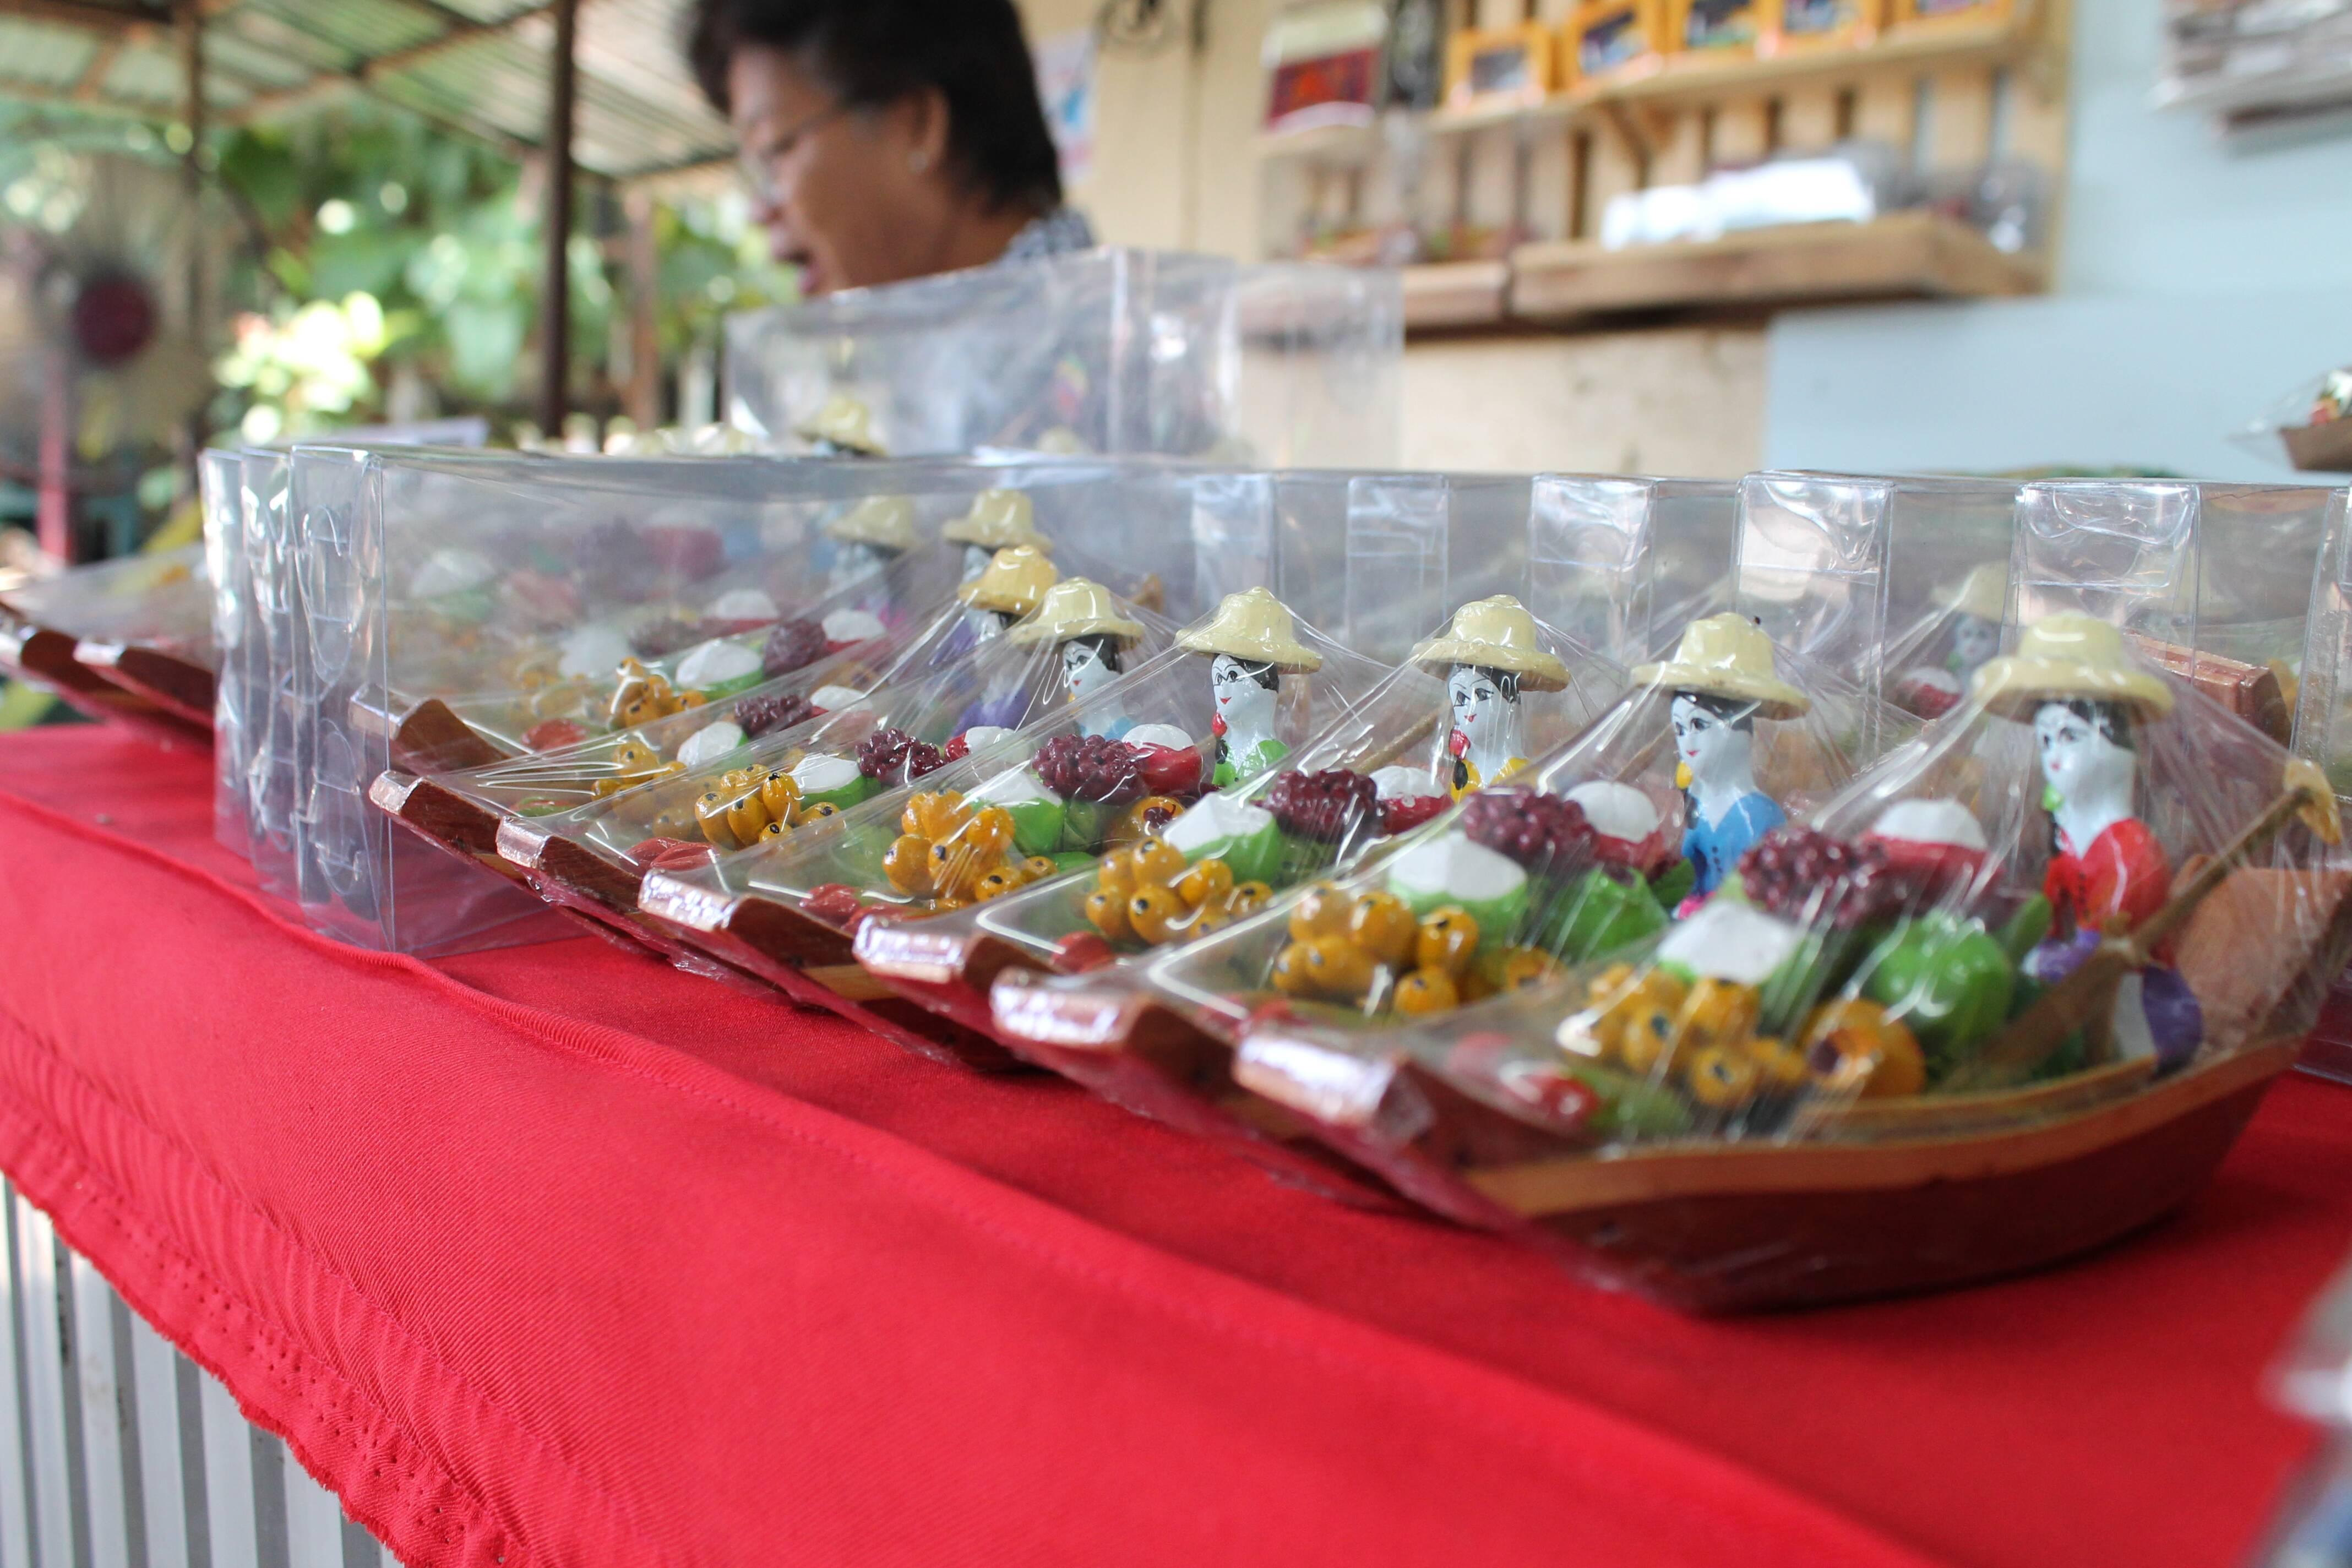 Os barquinhos que representam os mercados flutuantes da Tailândia